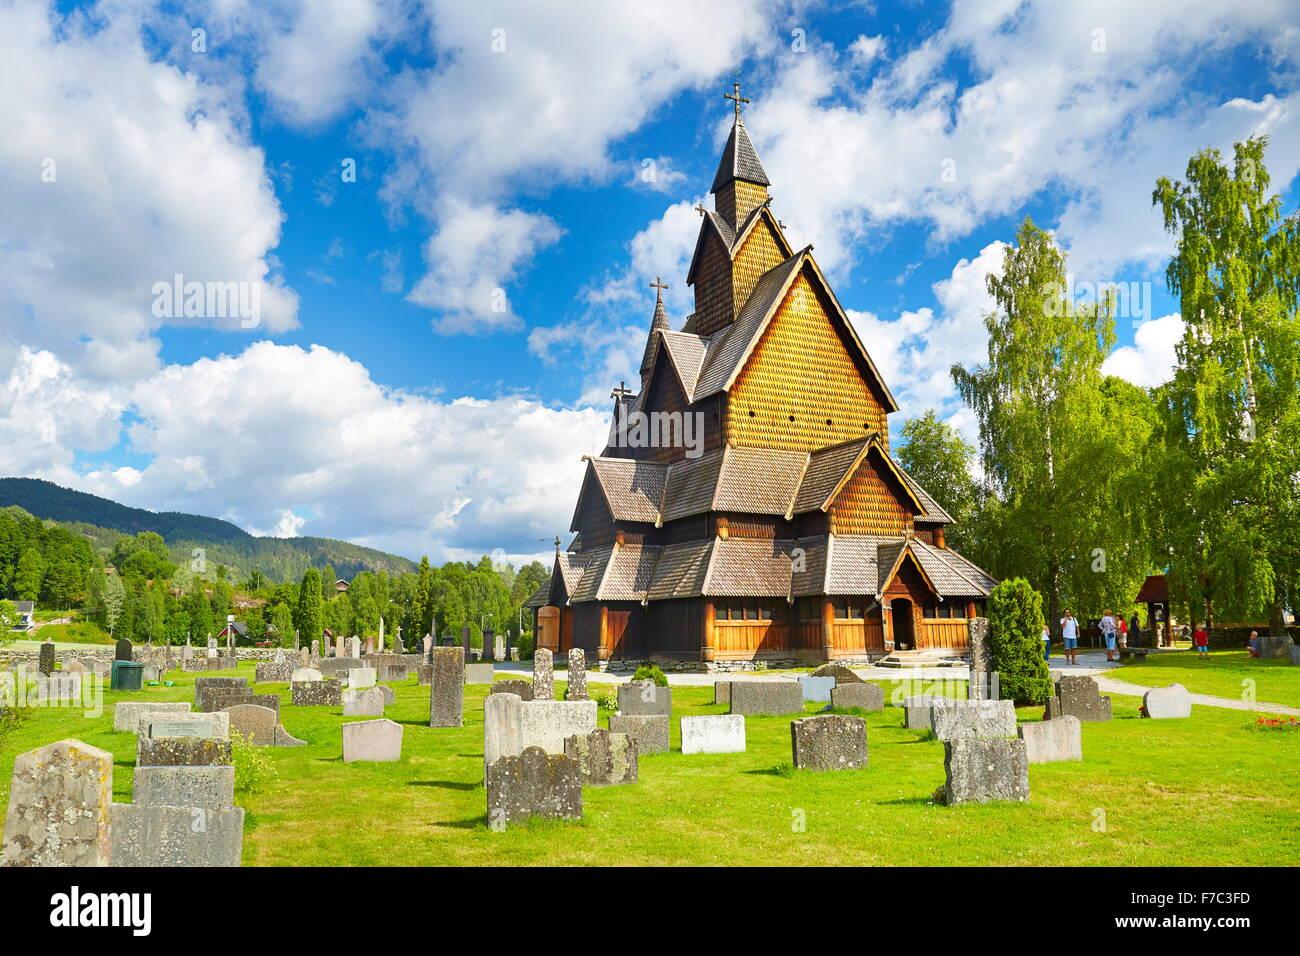 Stave Church Heddal, Sogn og Fjordane, Norway - Stock Image